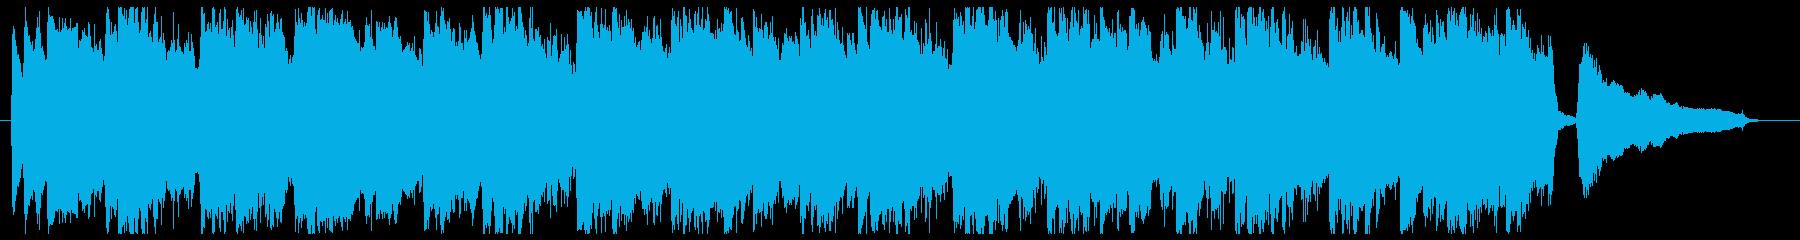 爽やかな朝っぽいアコギポップの再生済みの波形